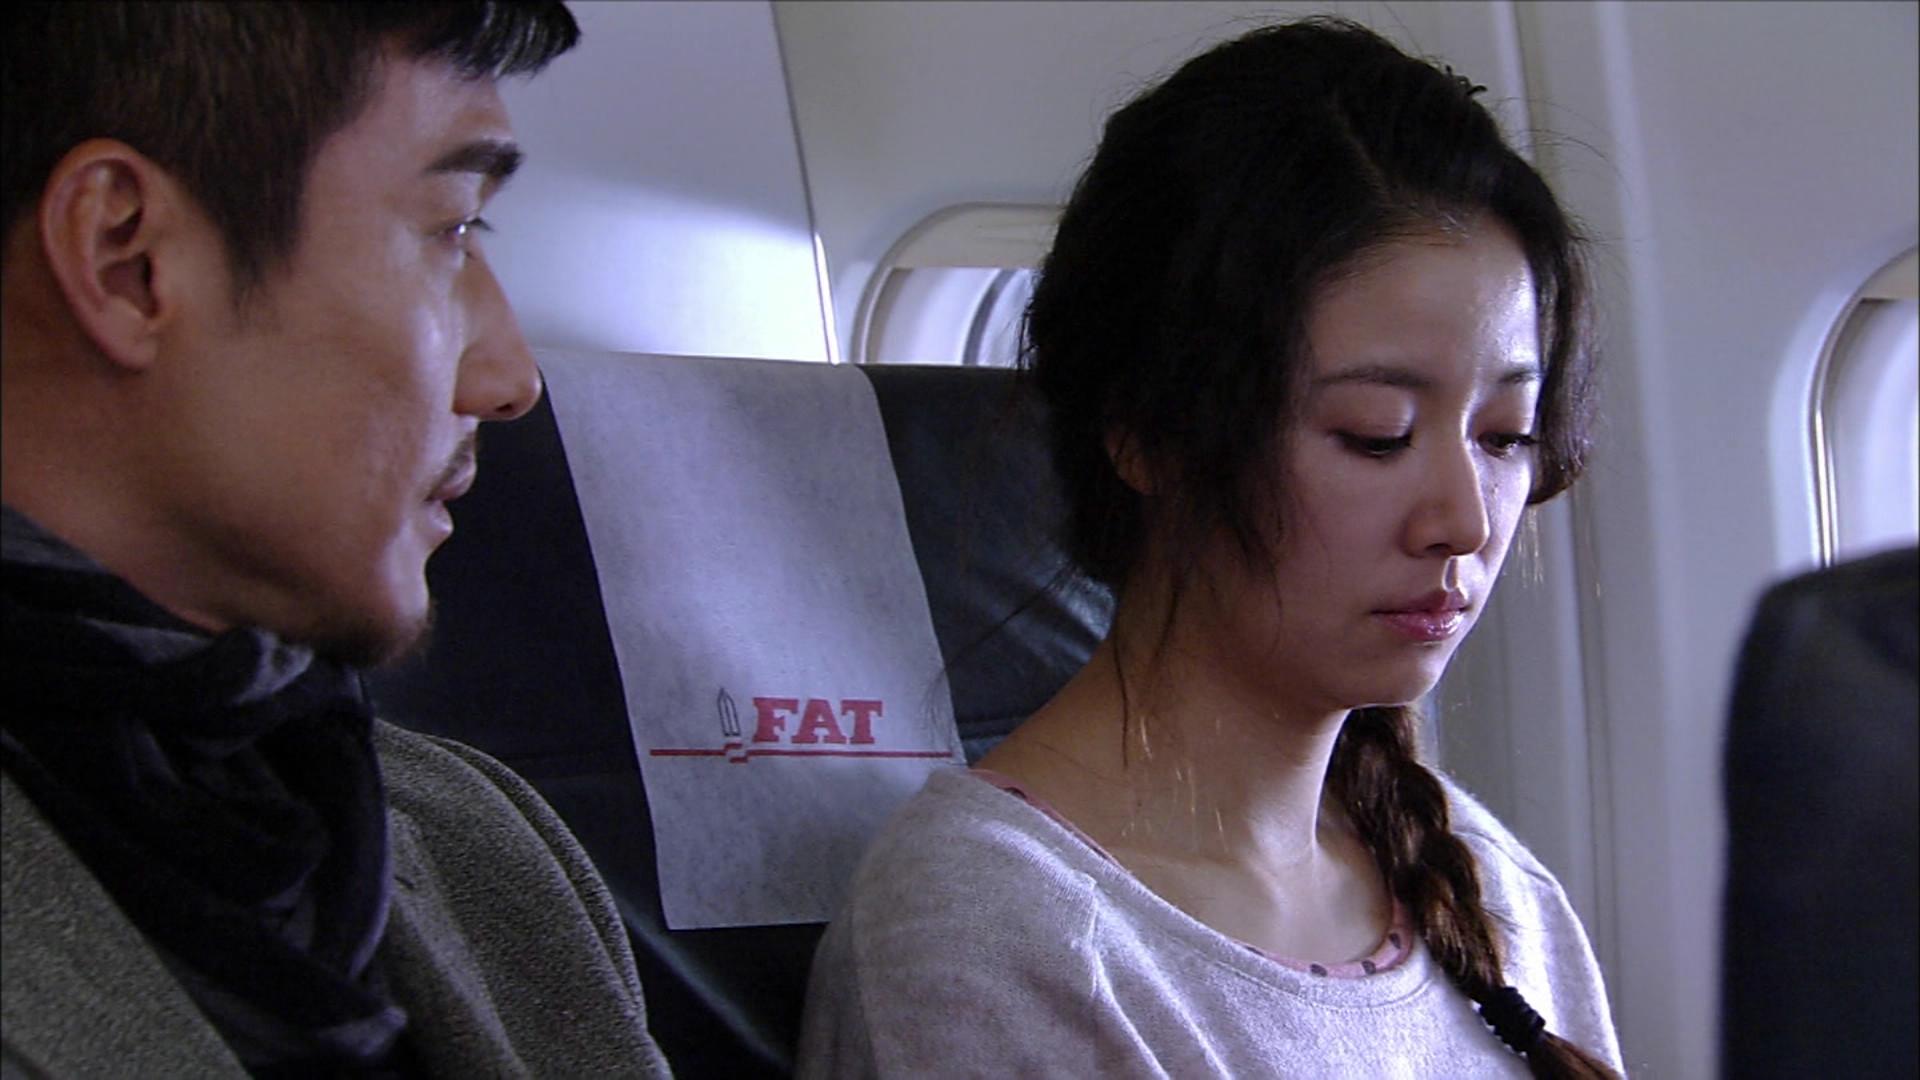 """Minh Minh bất ngờ gặp gỡ thêm một """"mối duyên"""" khác trong các tập tiếp theo của bộ phim"""